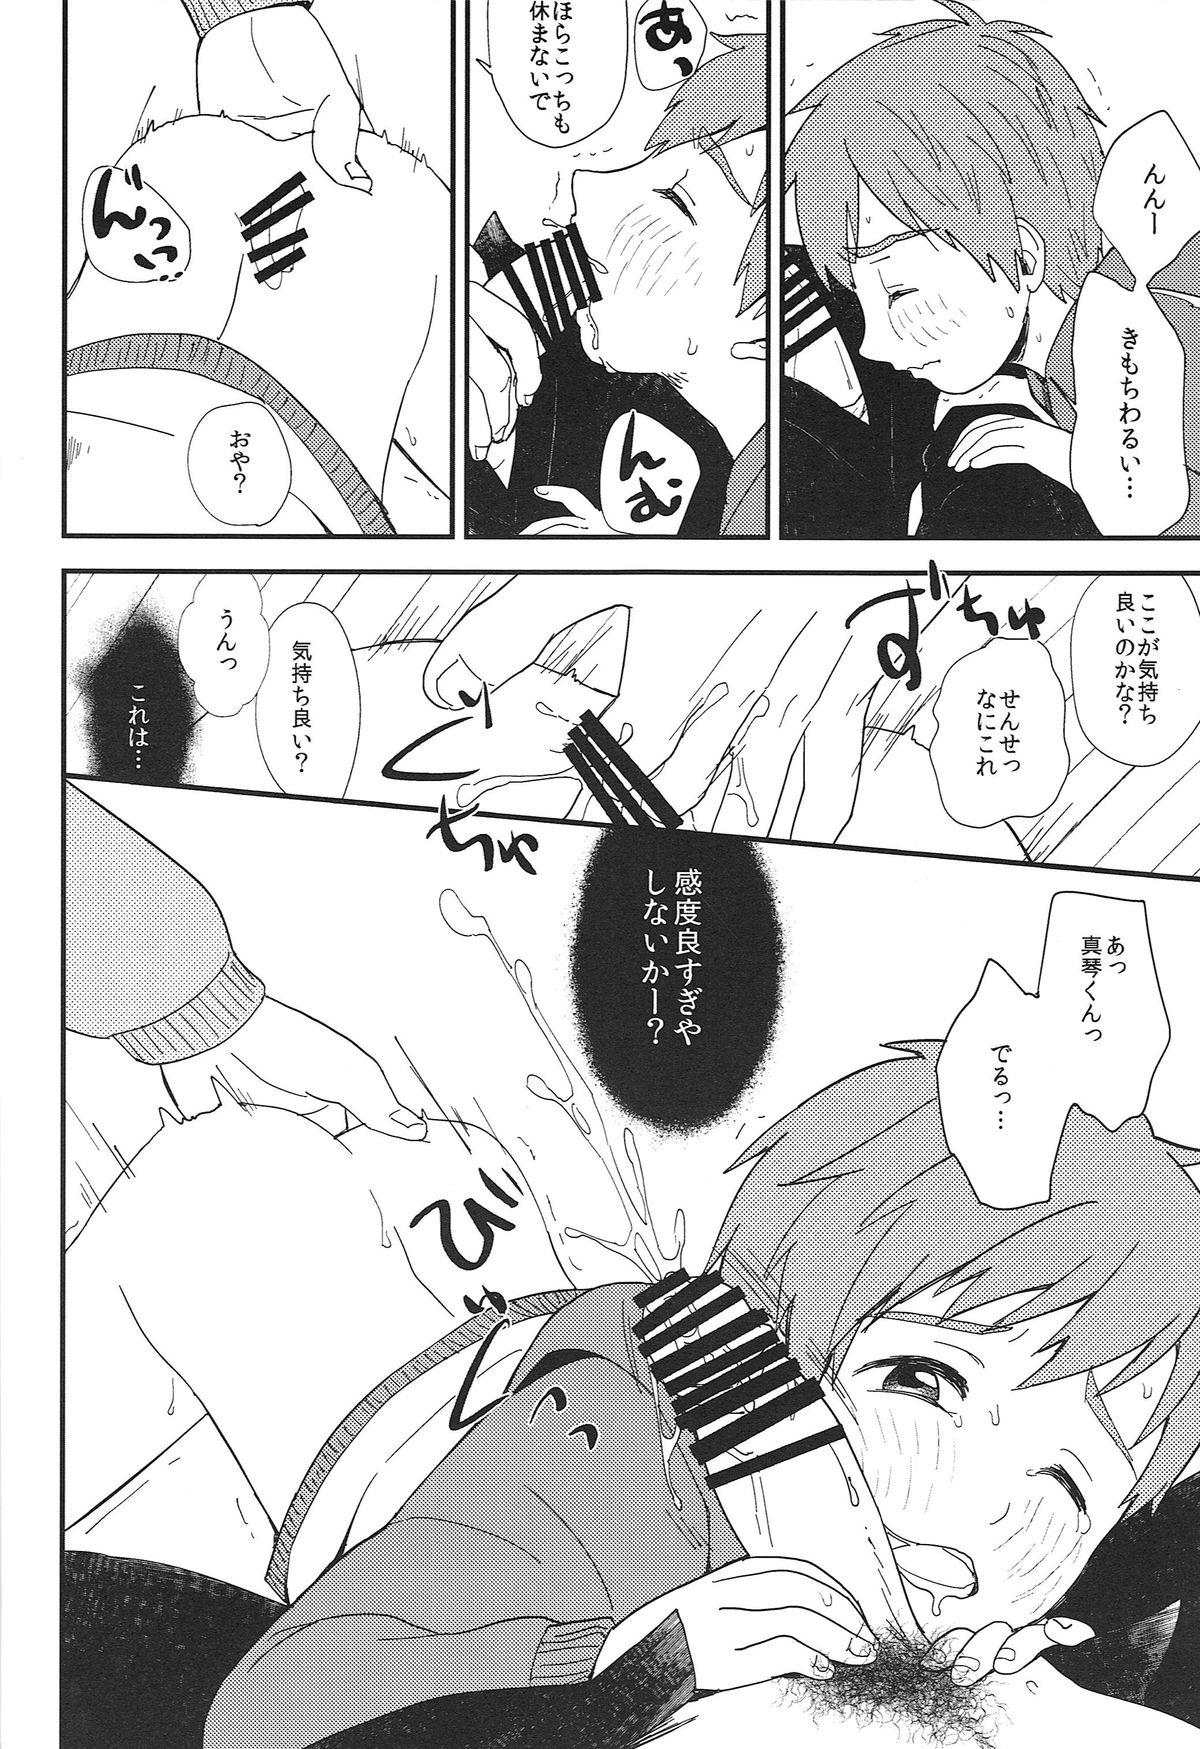 Onii-chan ni Naritakunai Yamai 24